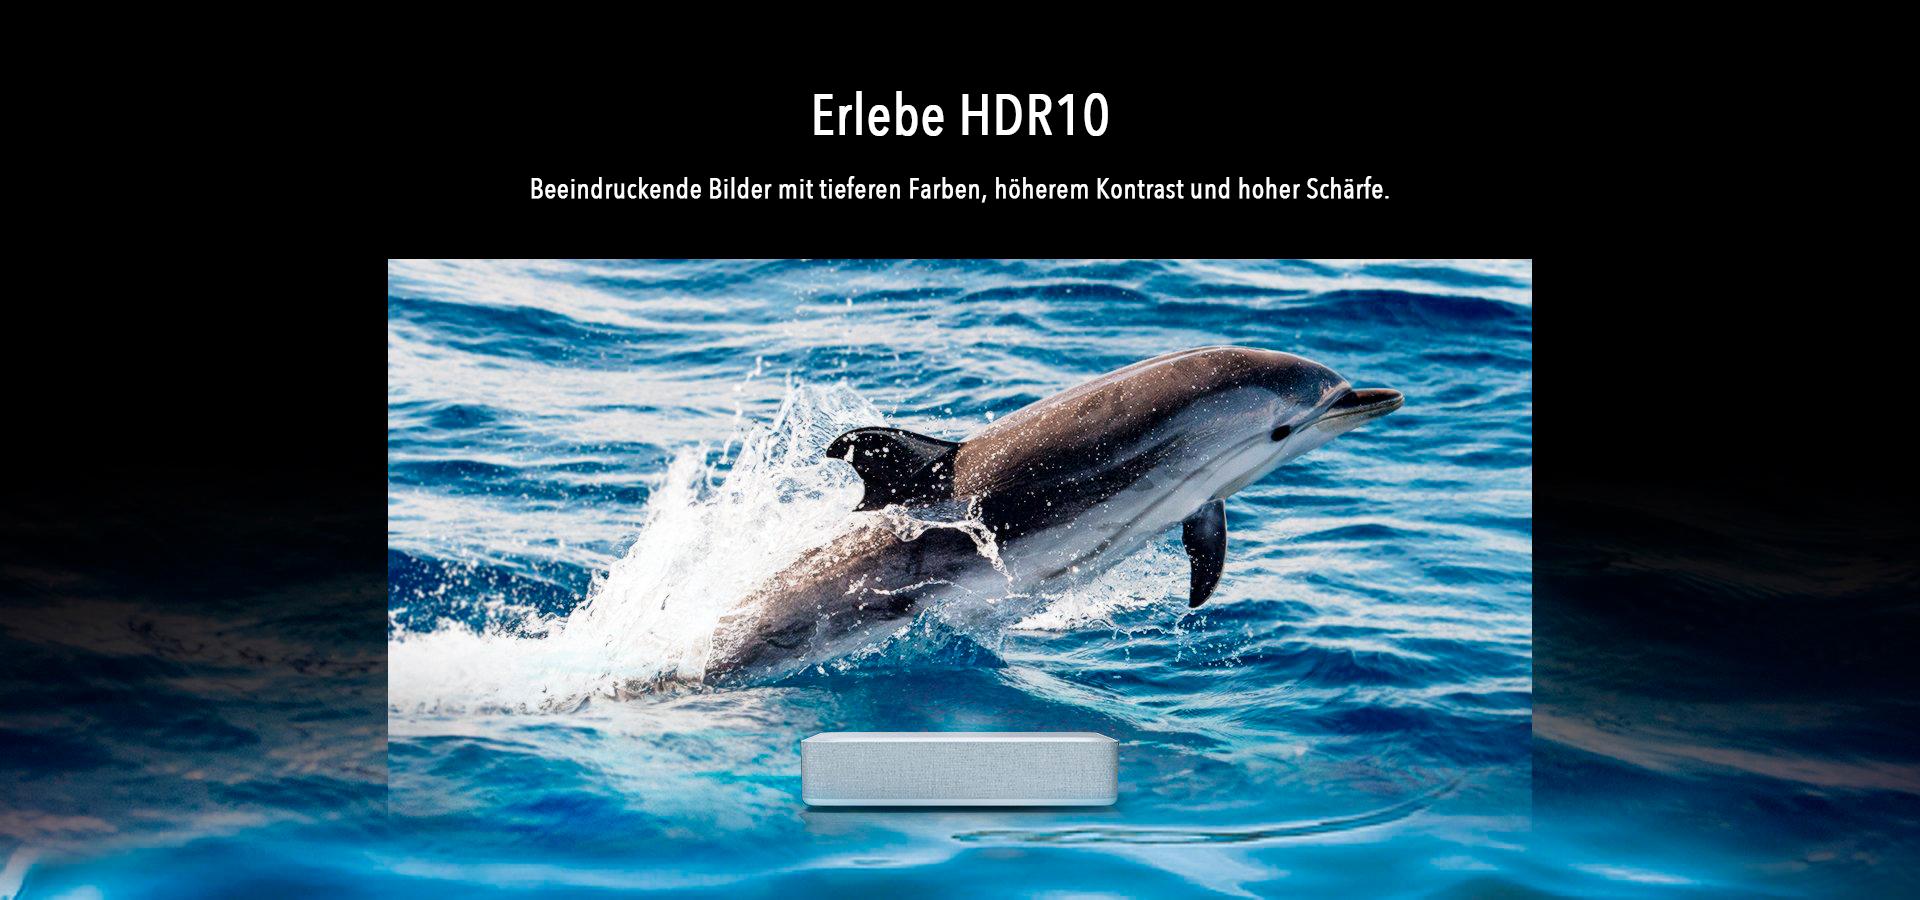 ErlebeHDR10